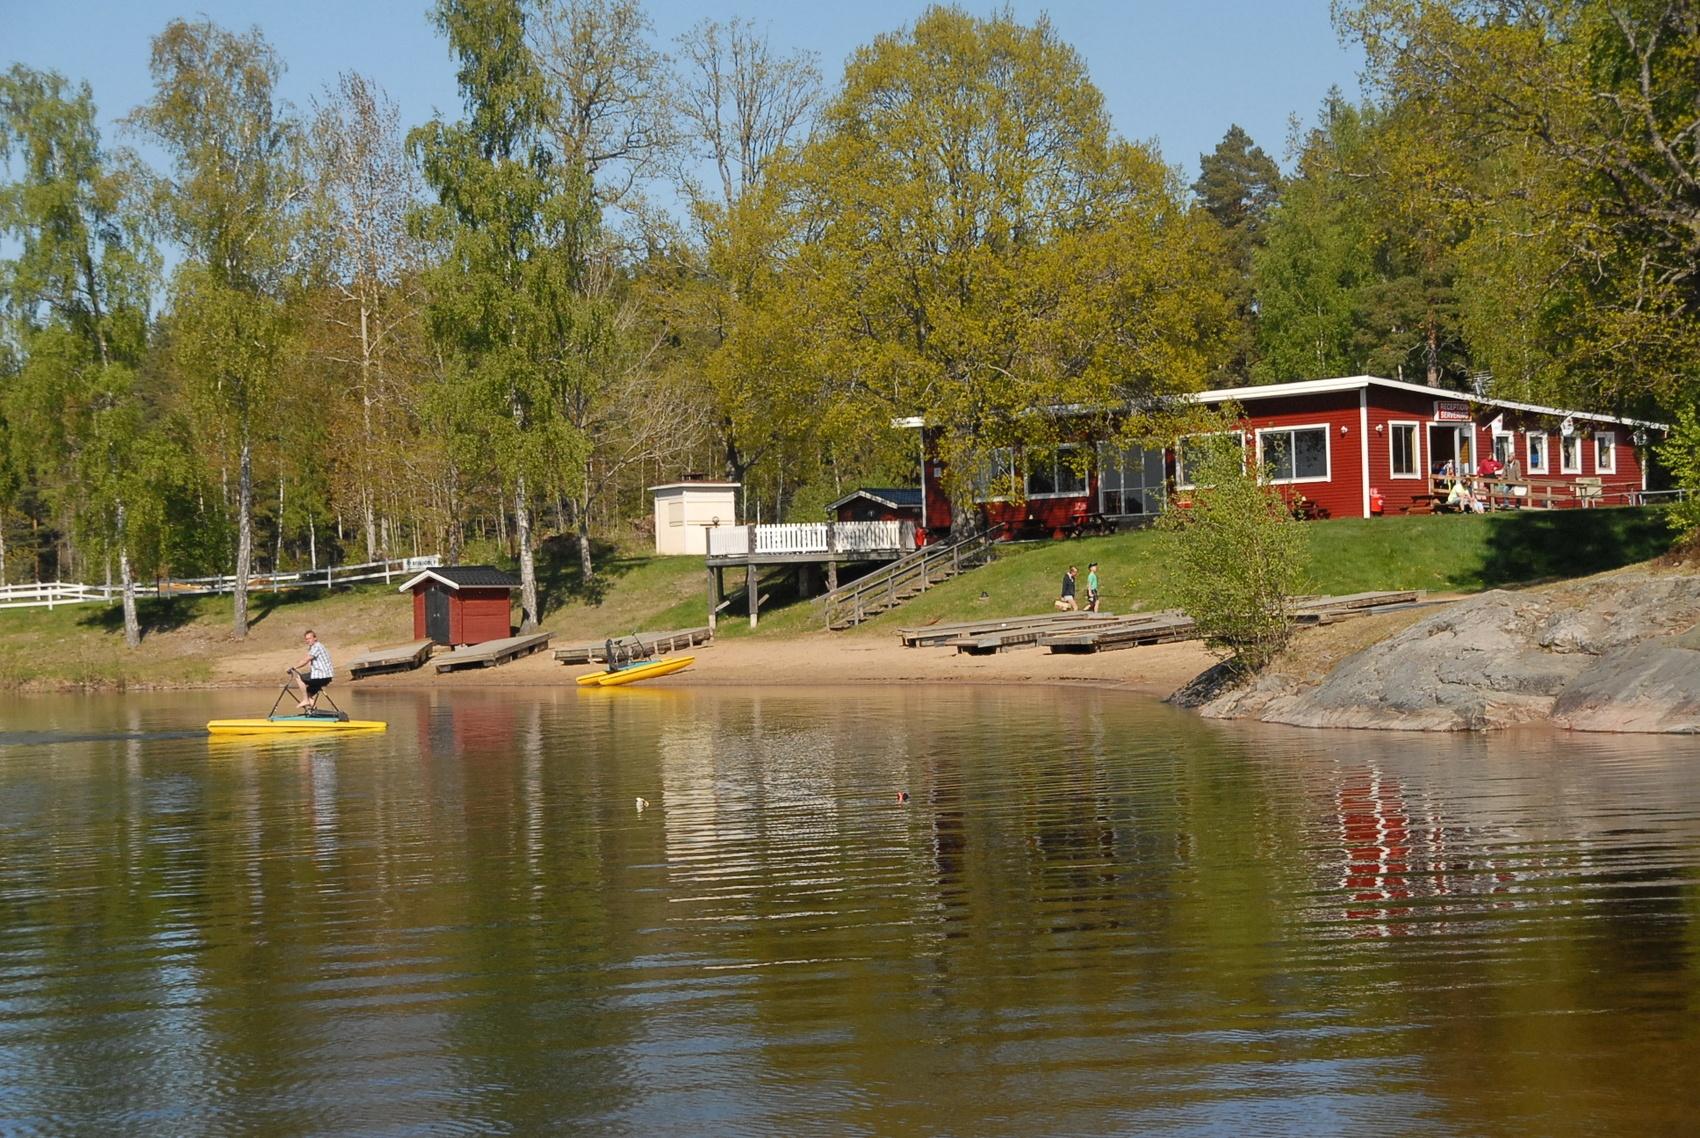 Bild på en sjö där en man sitter och cyklar på en gul båt